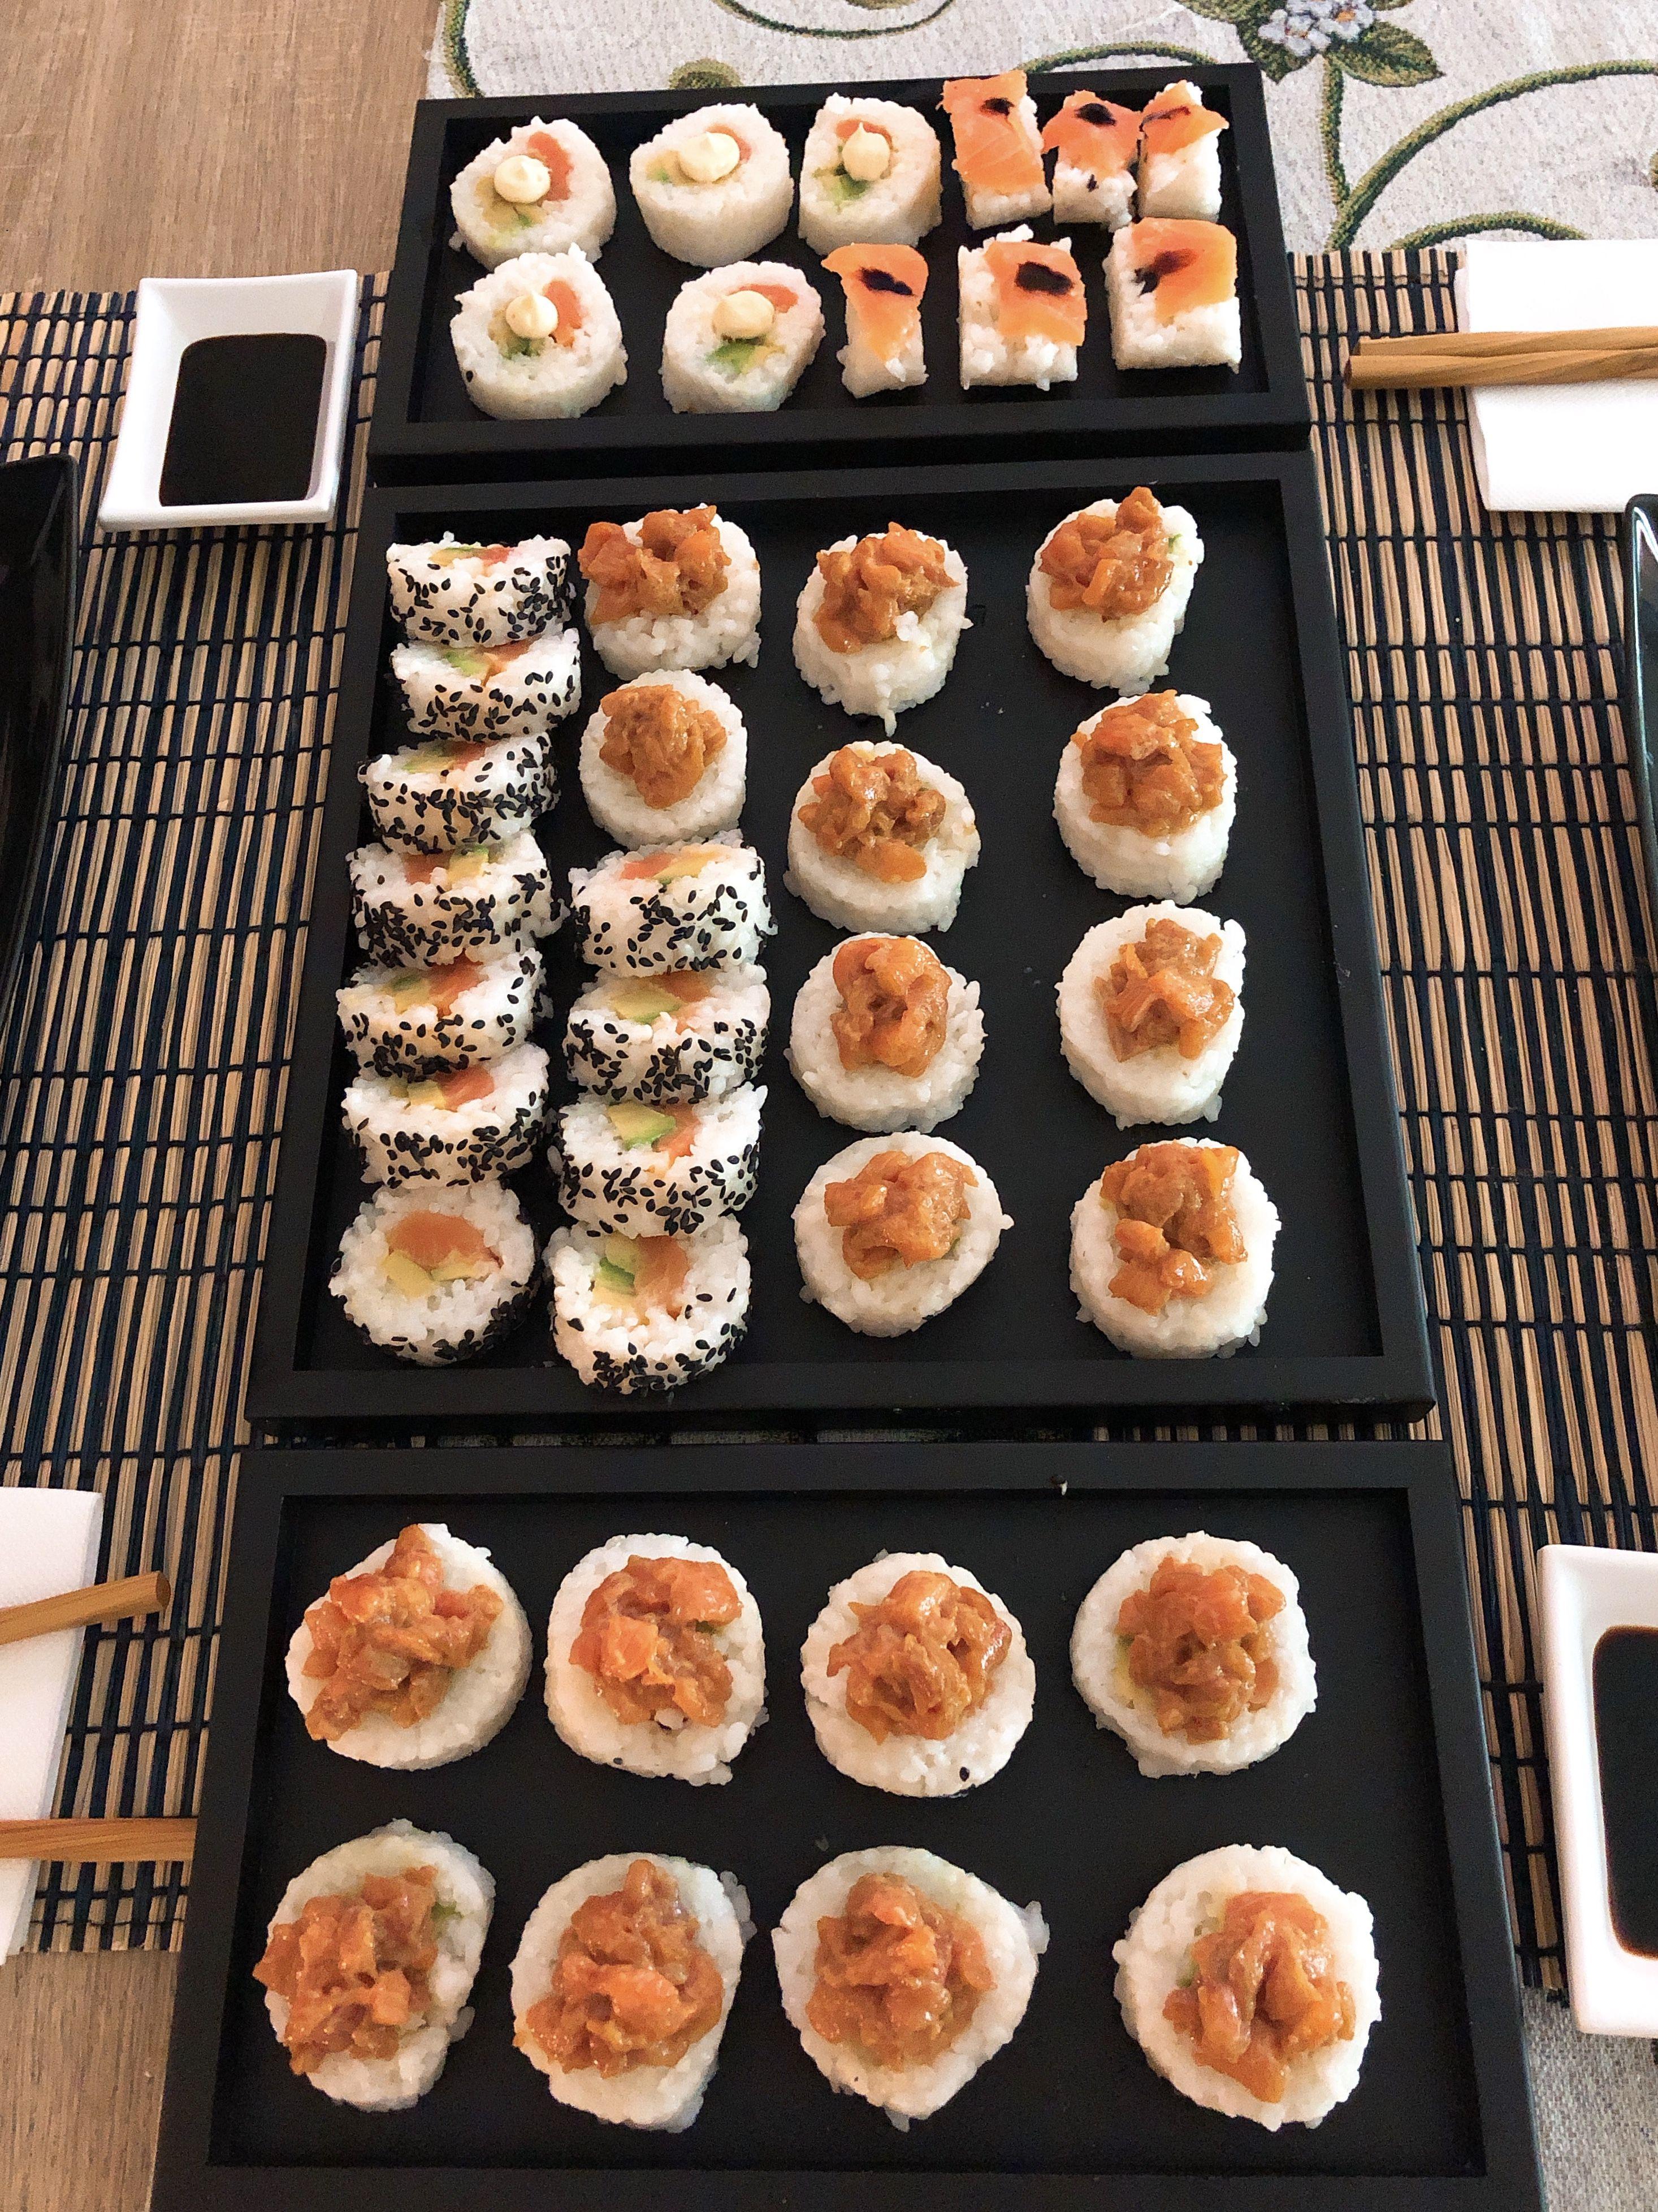 Uramaki Ricetta Facile.Sushi Homemade Senza Alga Uramaki Con Salmone Philadelphia E Avocado E Con Gamberi In Tempura Maionese E Avocado Ricoperti Cibo Salmone Marinato Ricette